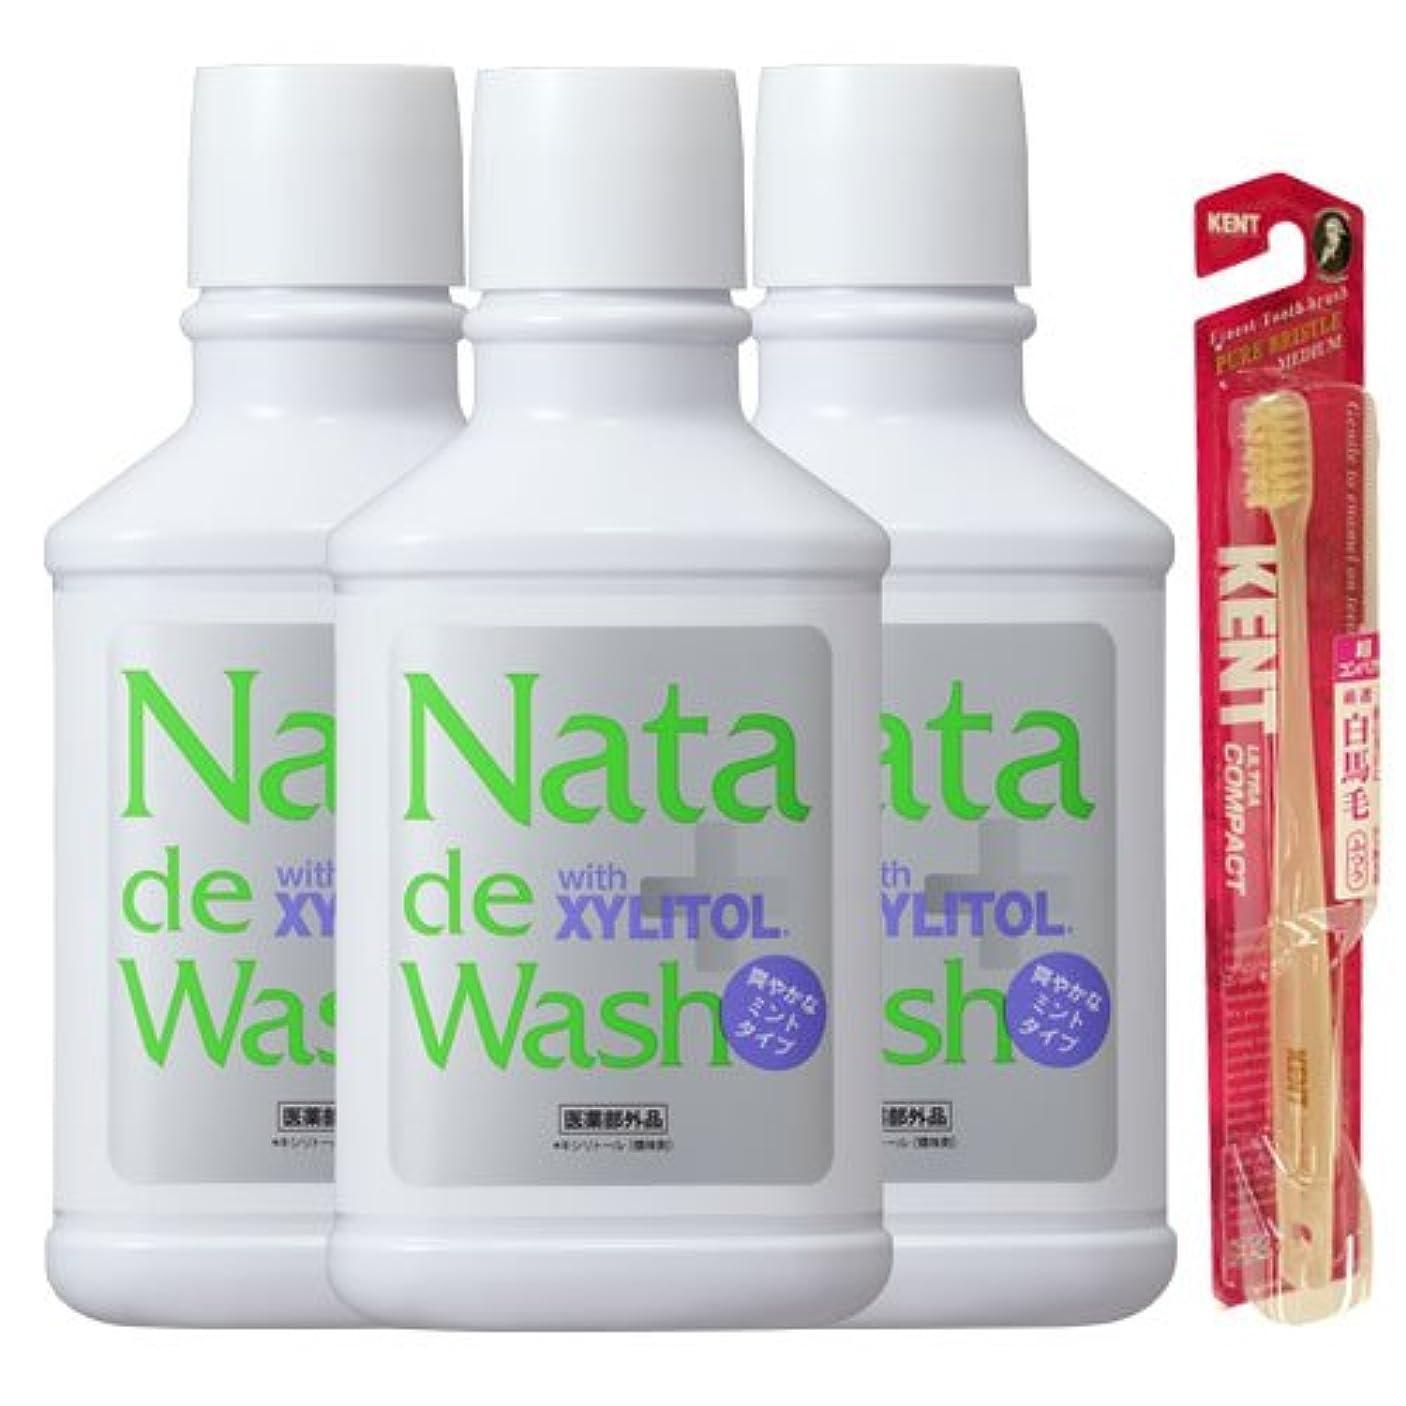 ハブストッキング控える薬用ナタデウォッシュ 爽やかなミントタイプ 500ml 3本& KENT歯ブラシ1本プレゼント